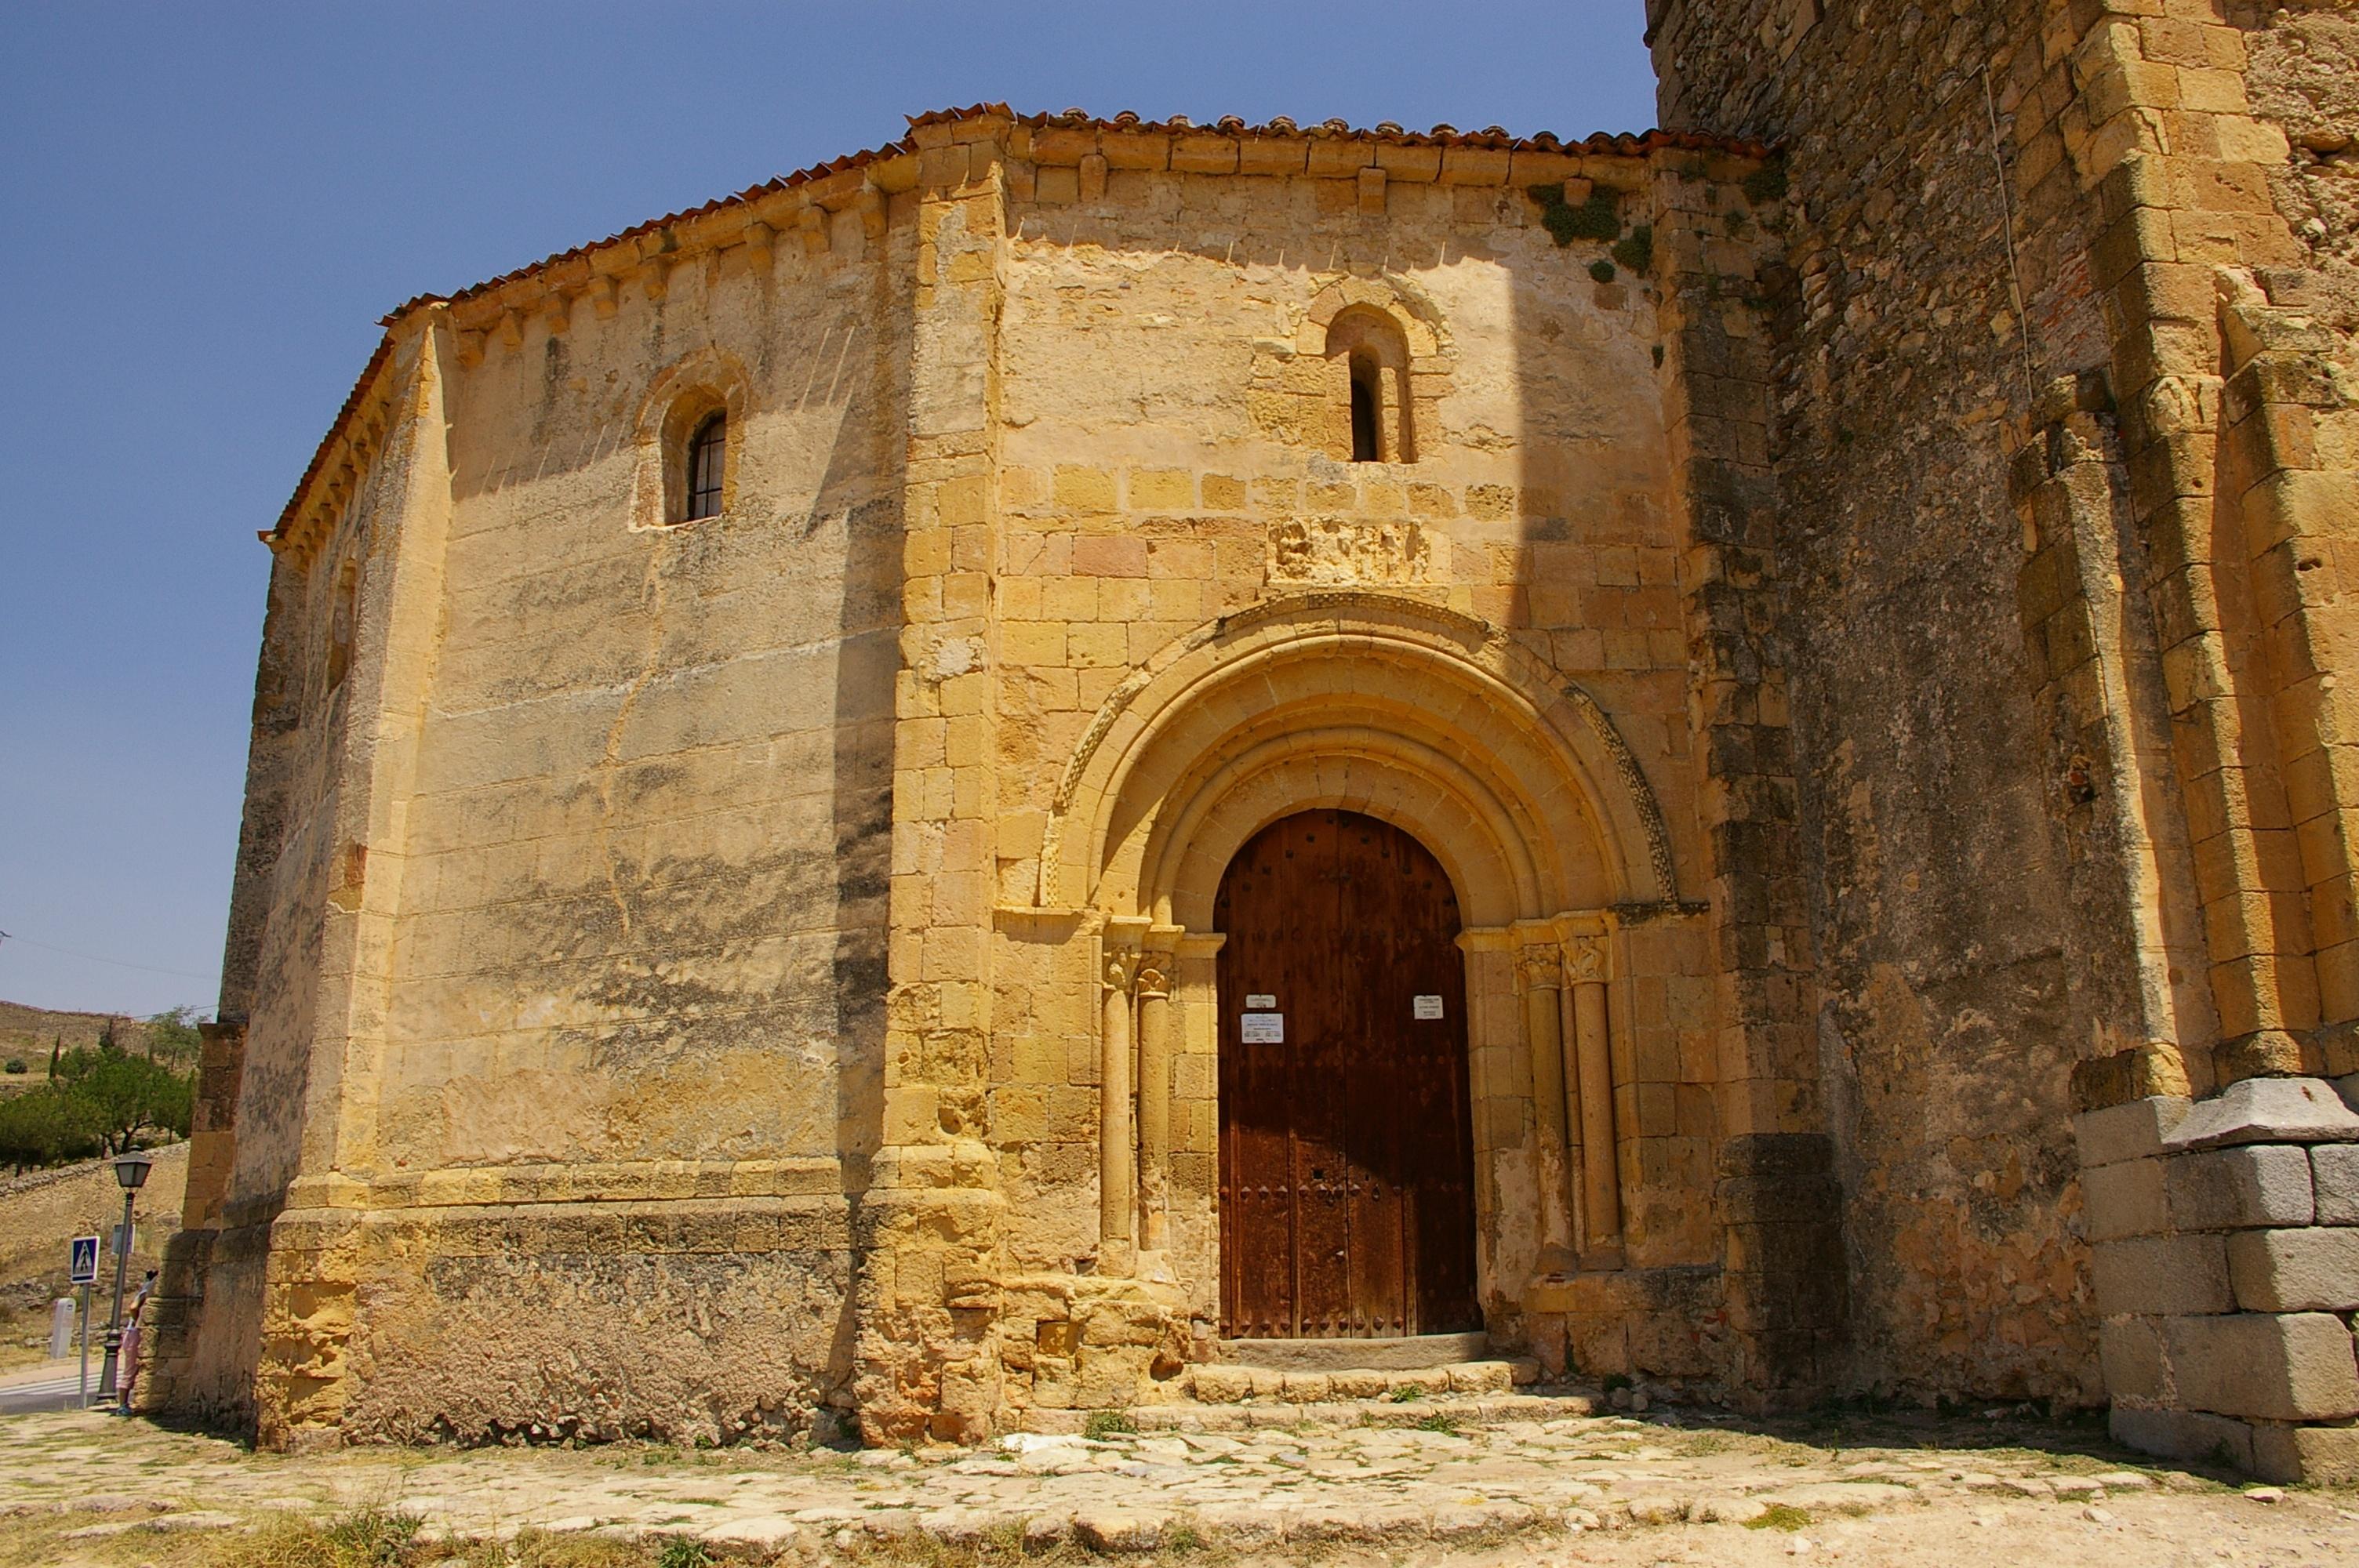 File:Segovia - Iglesia de la Vera Cruz (entrada principal).jpg